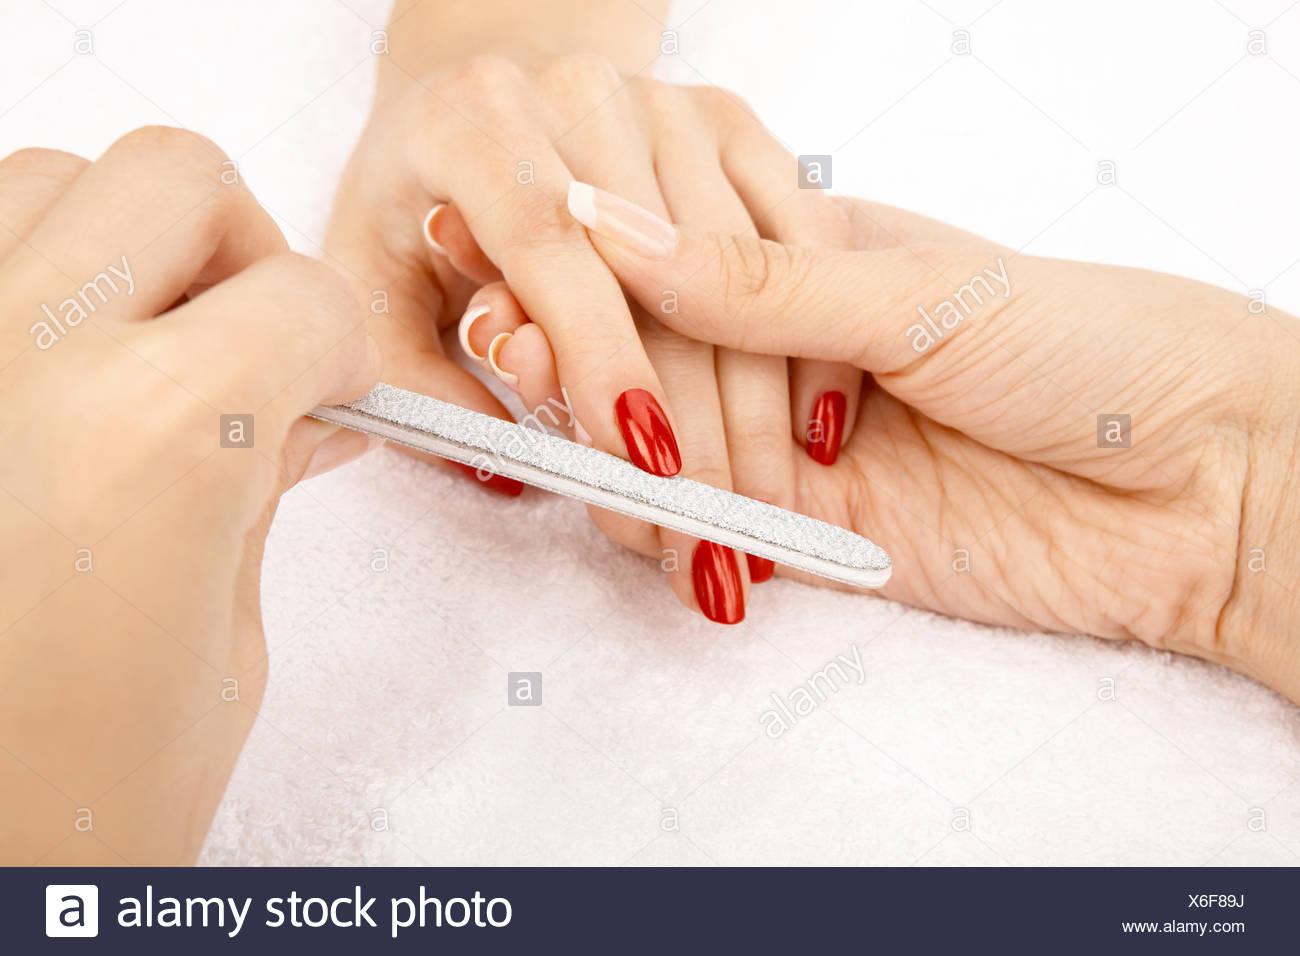 Abschleifen fußnägel Nagelfräser Test